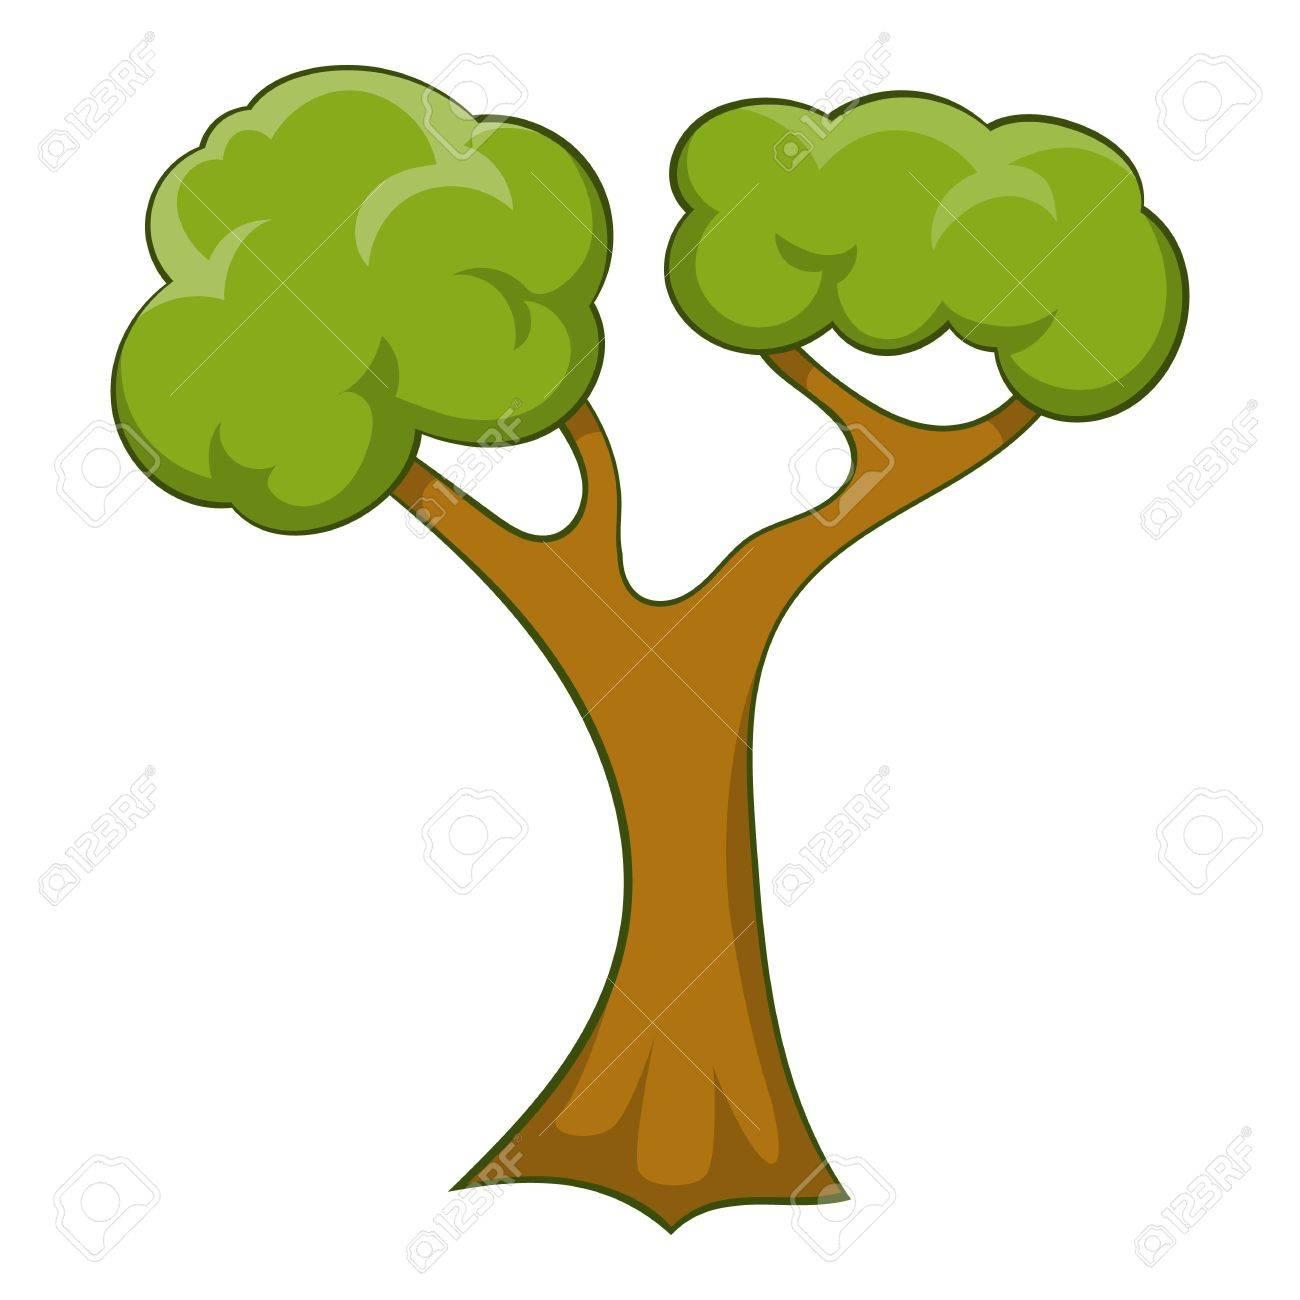 icono del árbol con muchas ramas ilustración de dibujos animados de